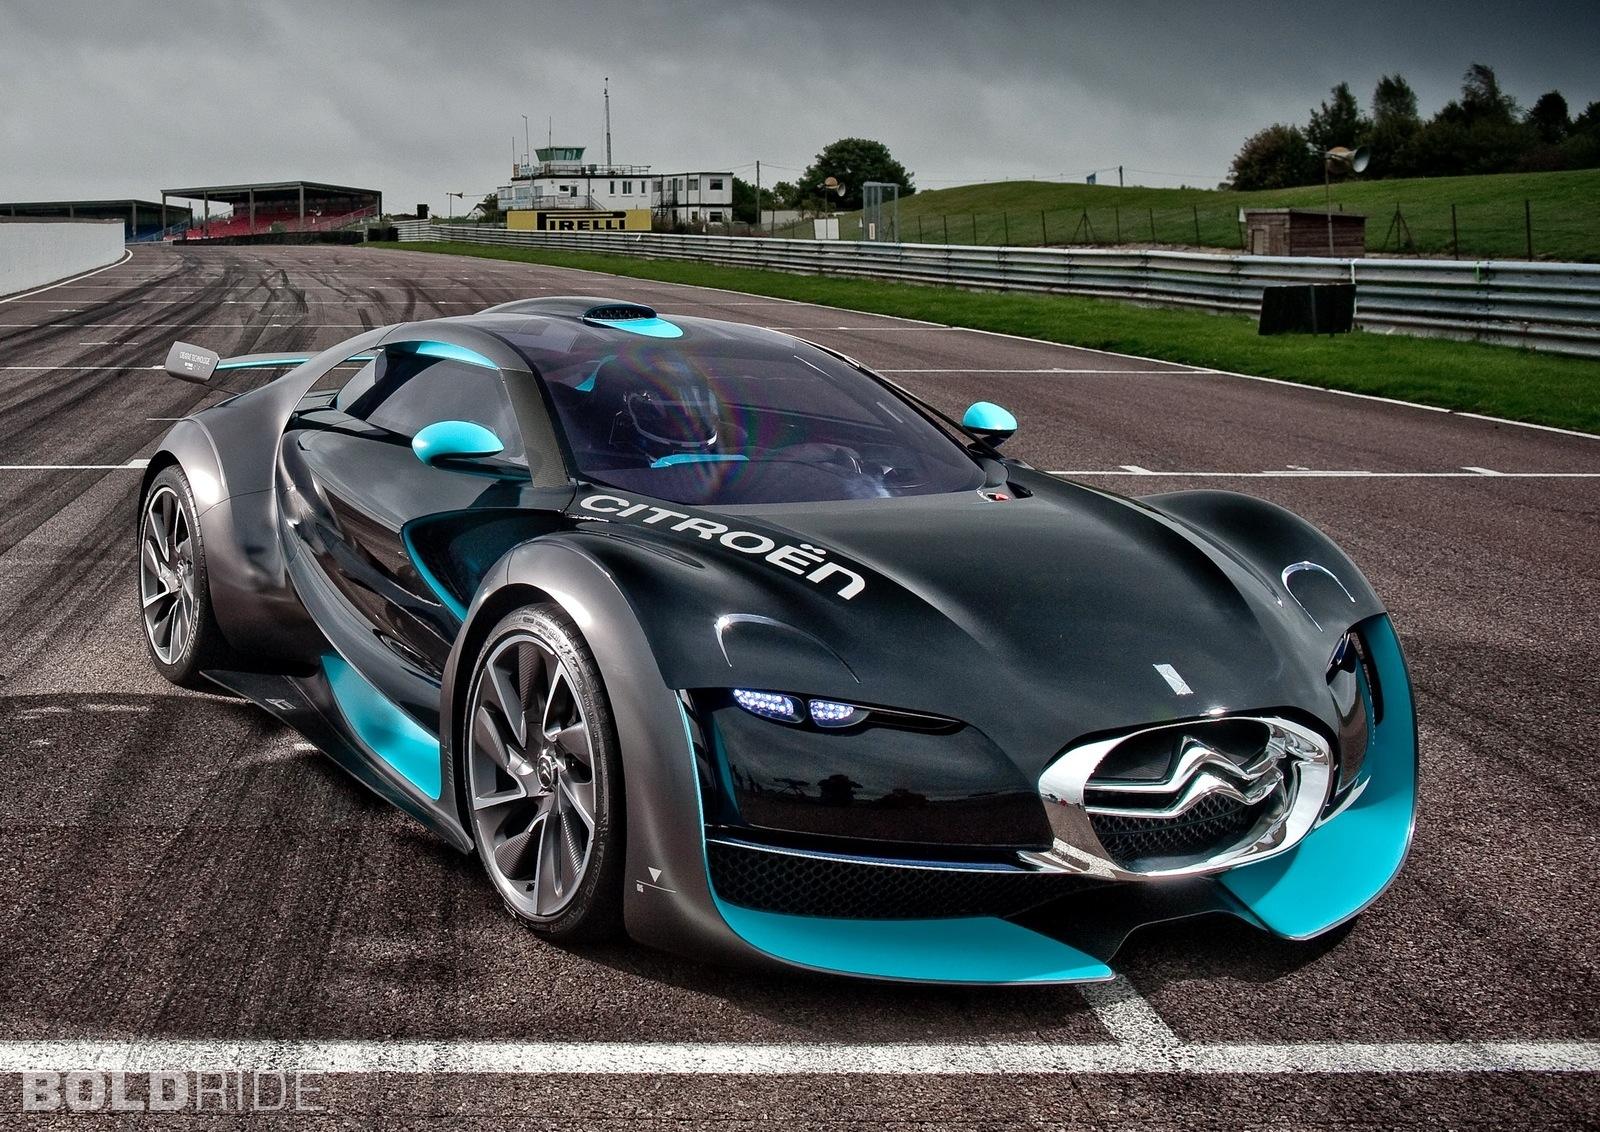 Carbuzz Concept cars: Concept car Citroen Survolt